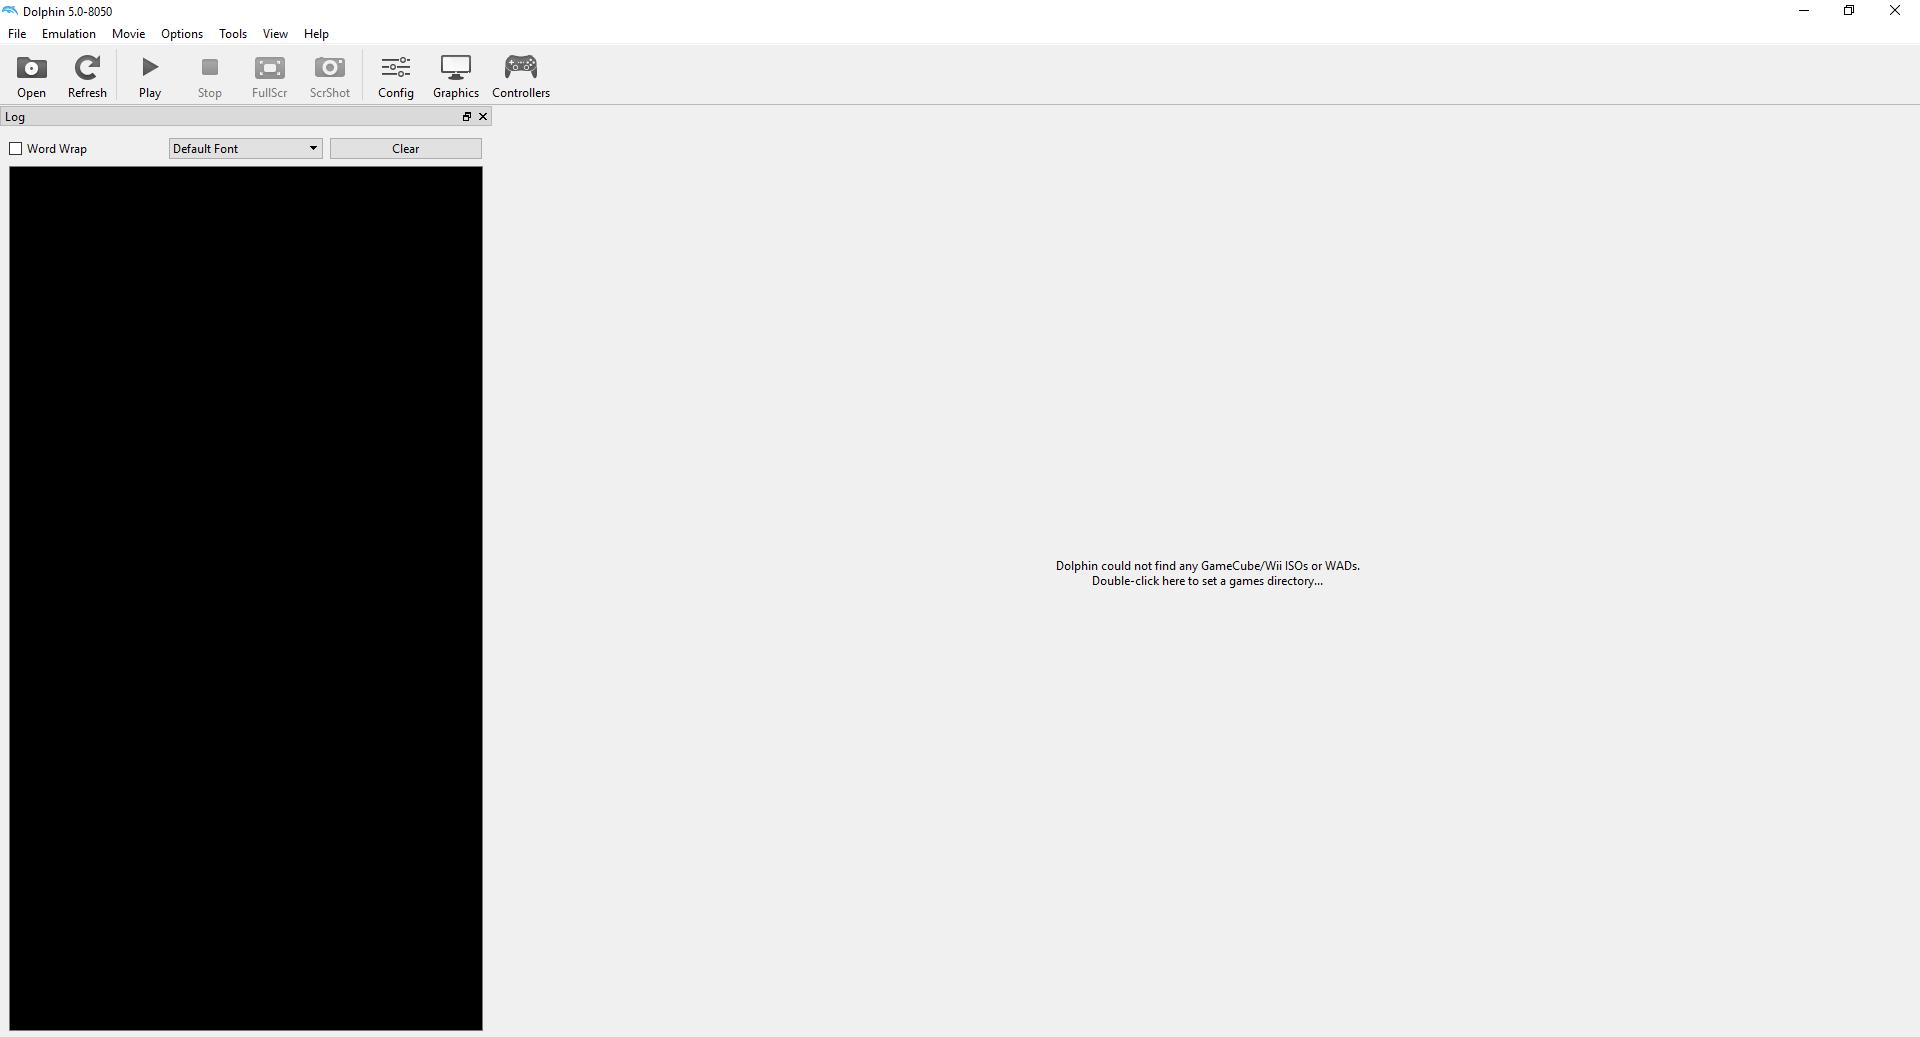 Emulator Issues #11191: QT: Resized Log window reverts to